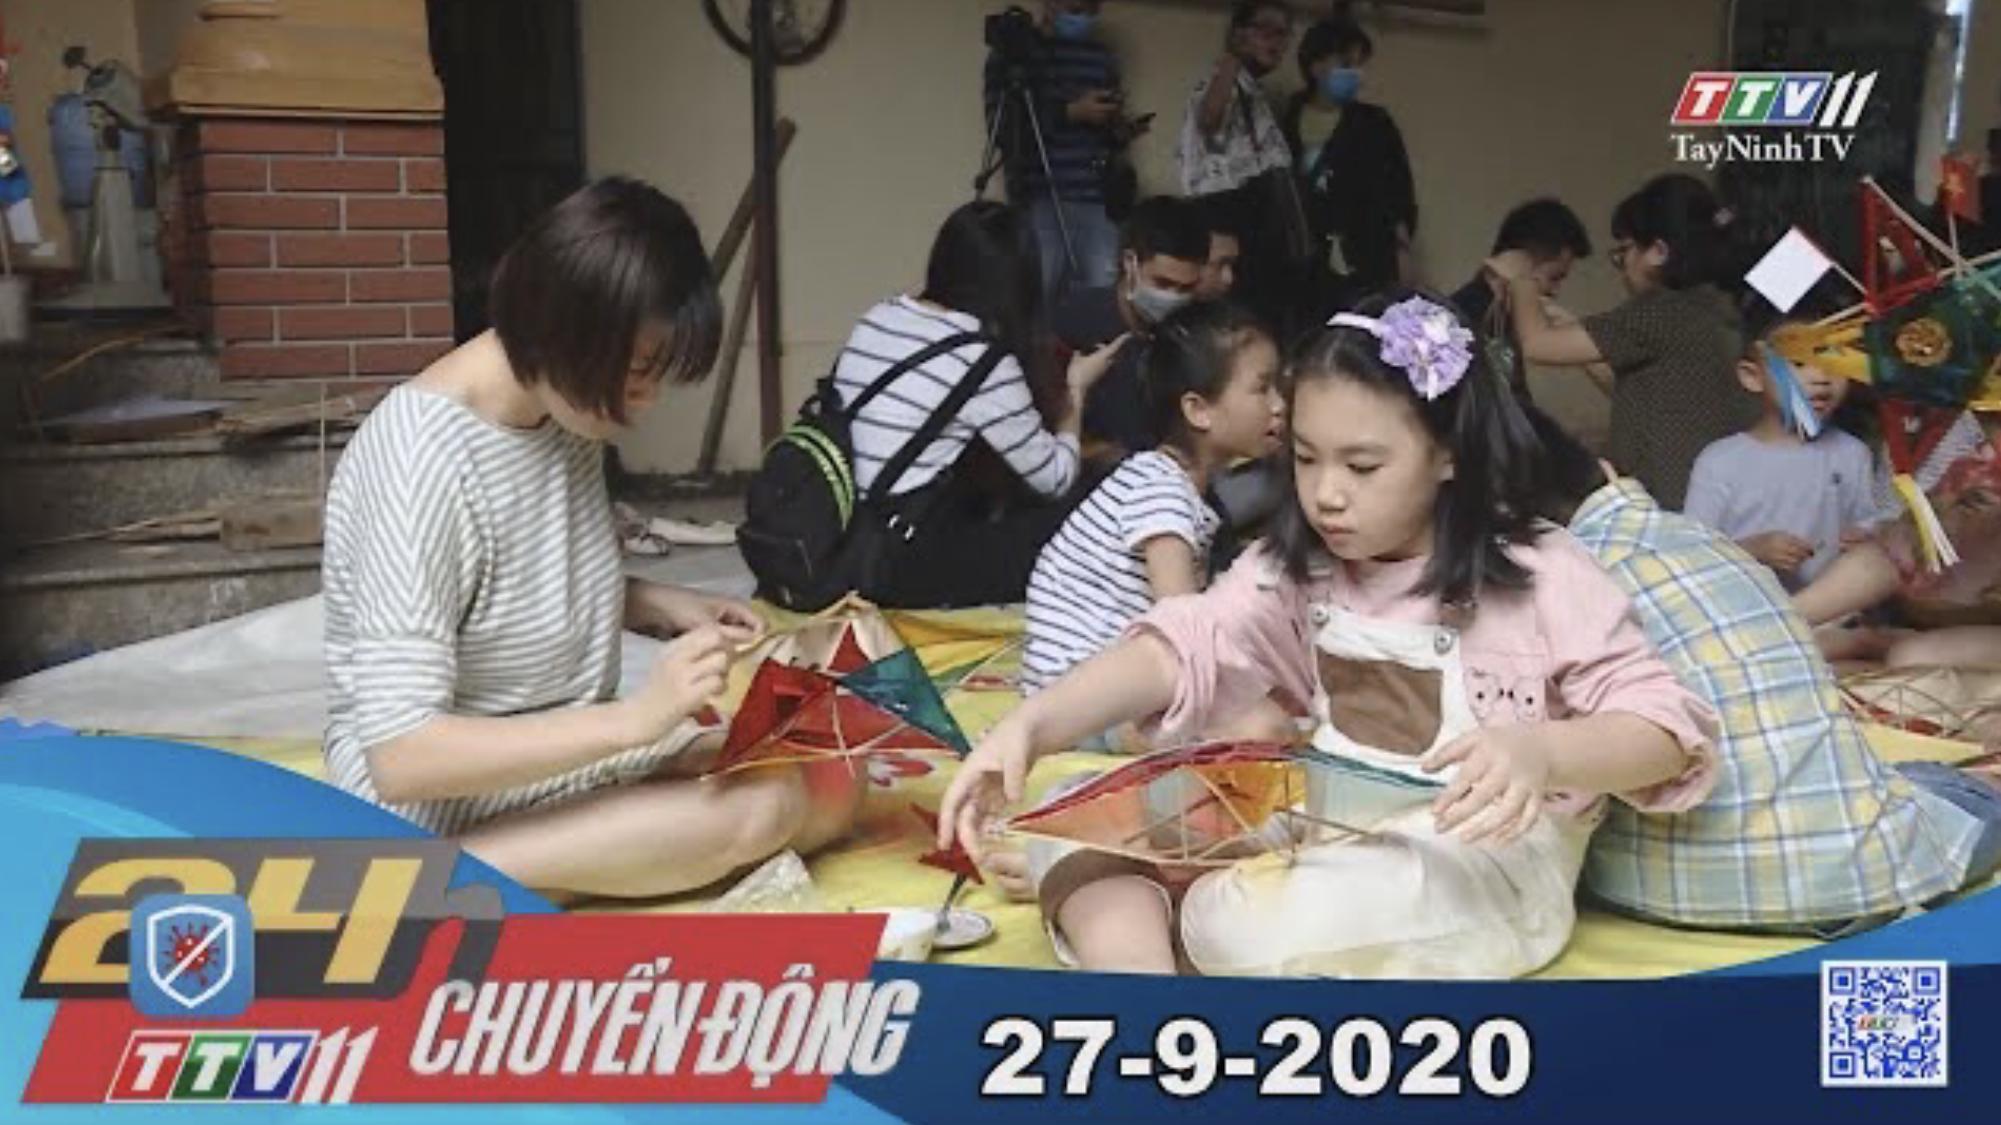 24h Chuyển động 27-9-2020 | Tin tức hôm nay | TayNinhTV